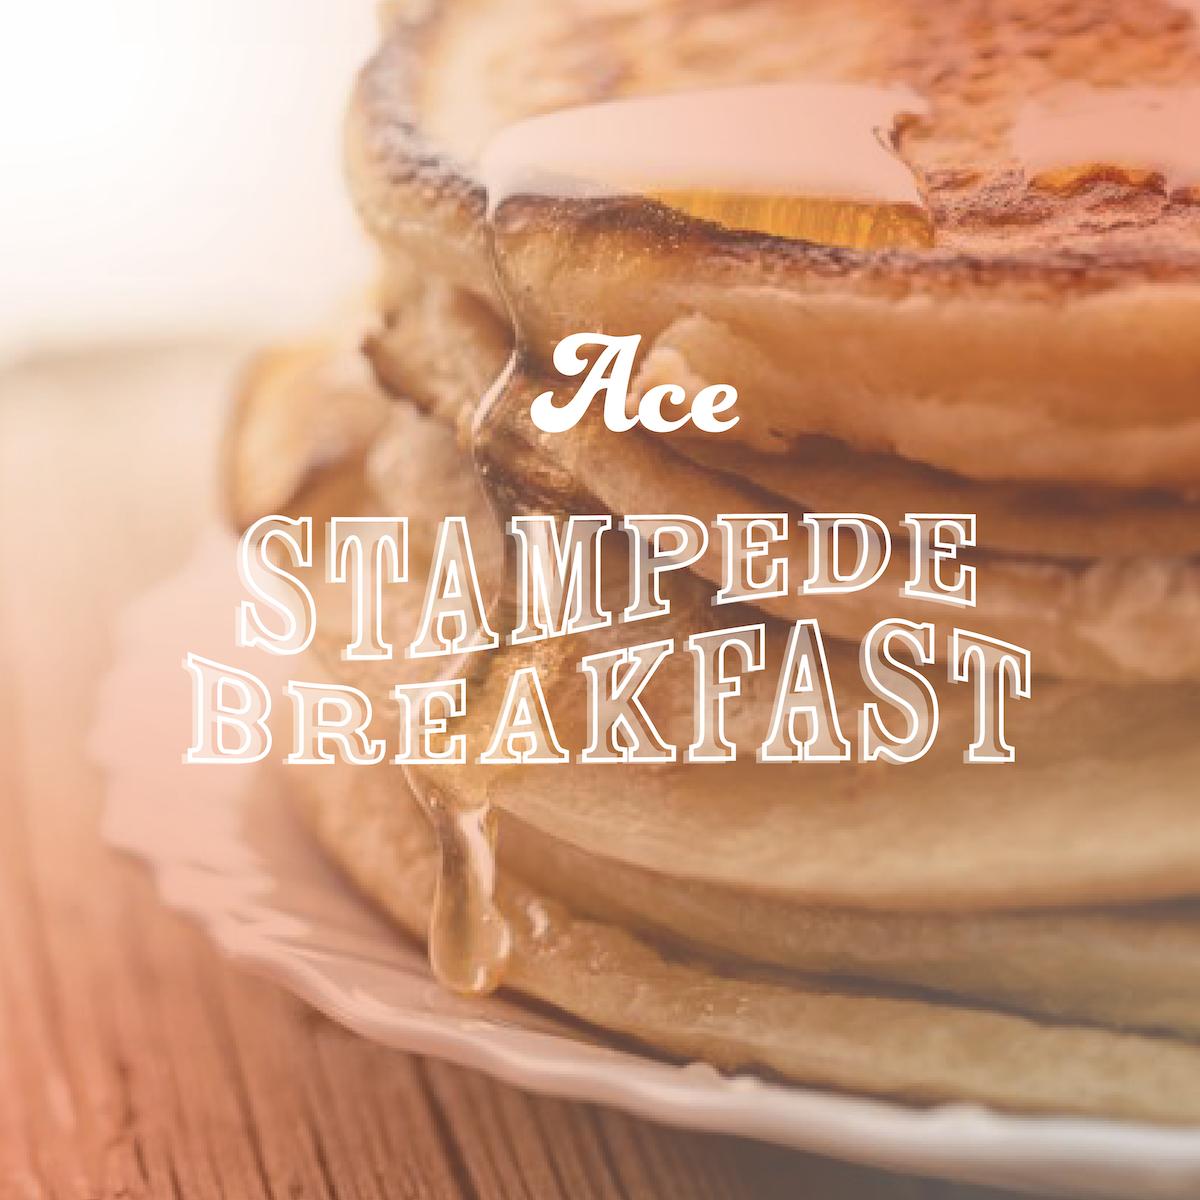 Ace_Stampede-Breakfast-Calgary.png